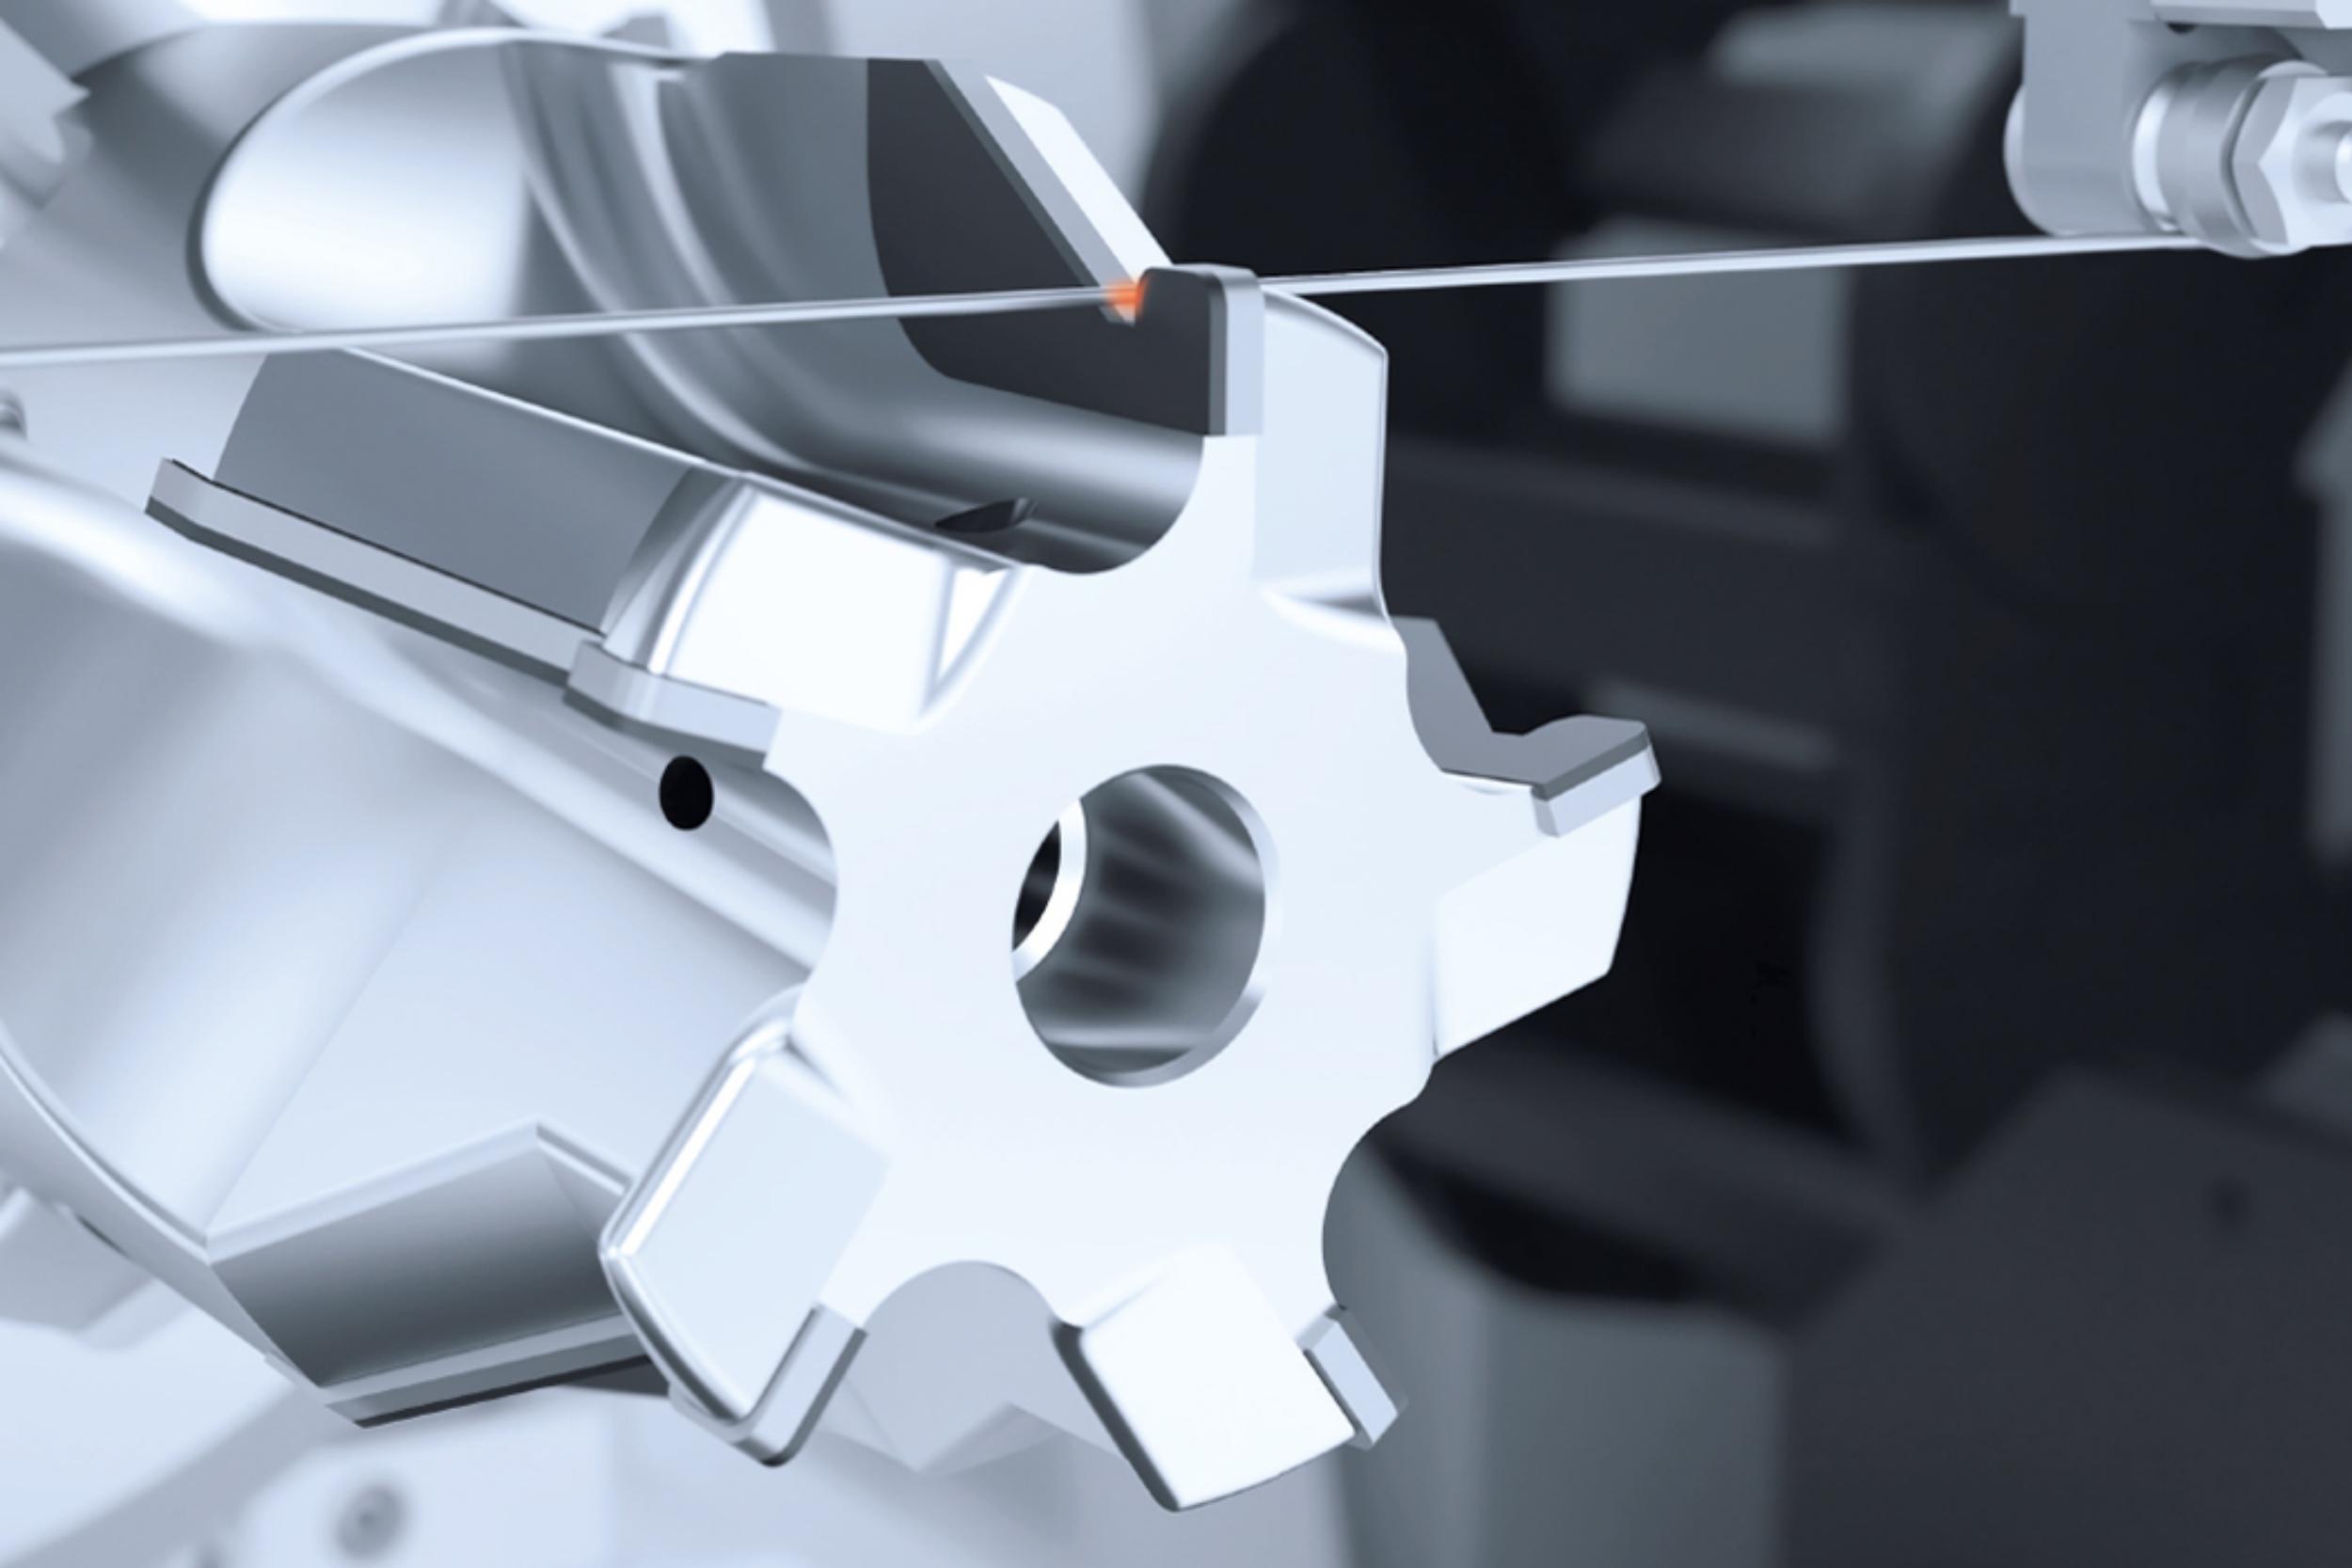 Sharpening and Eroding Machines